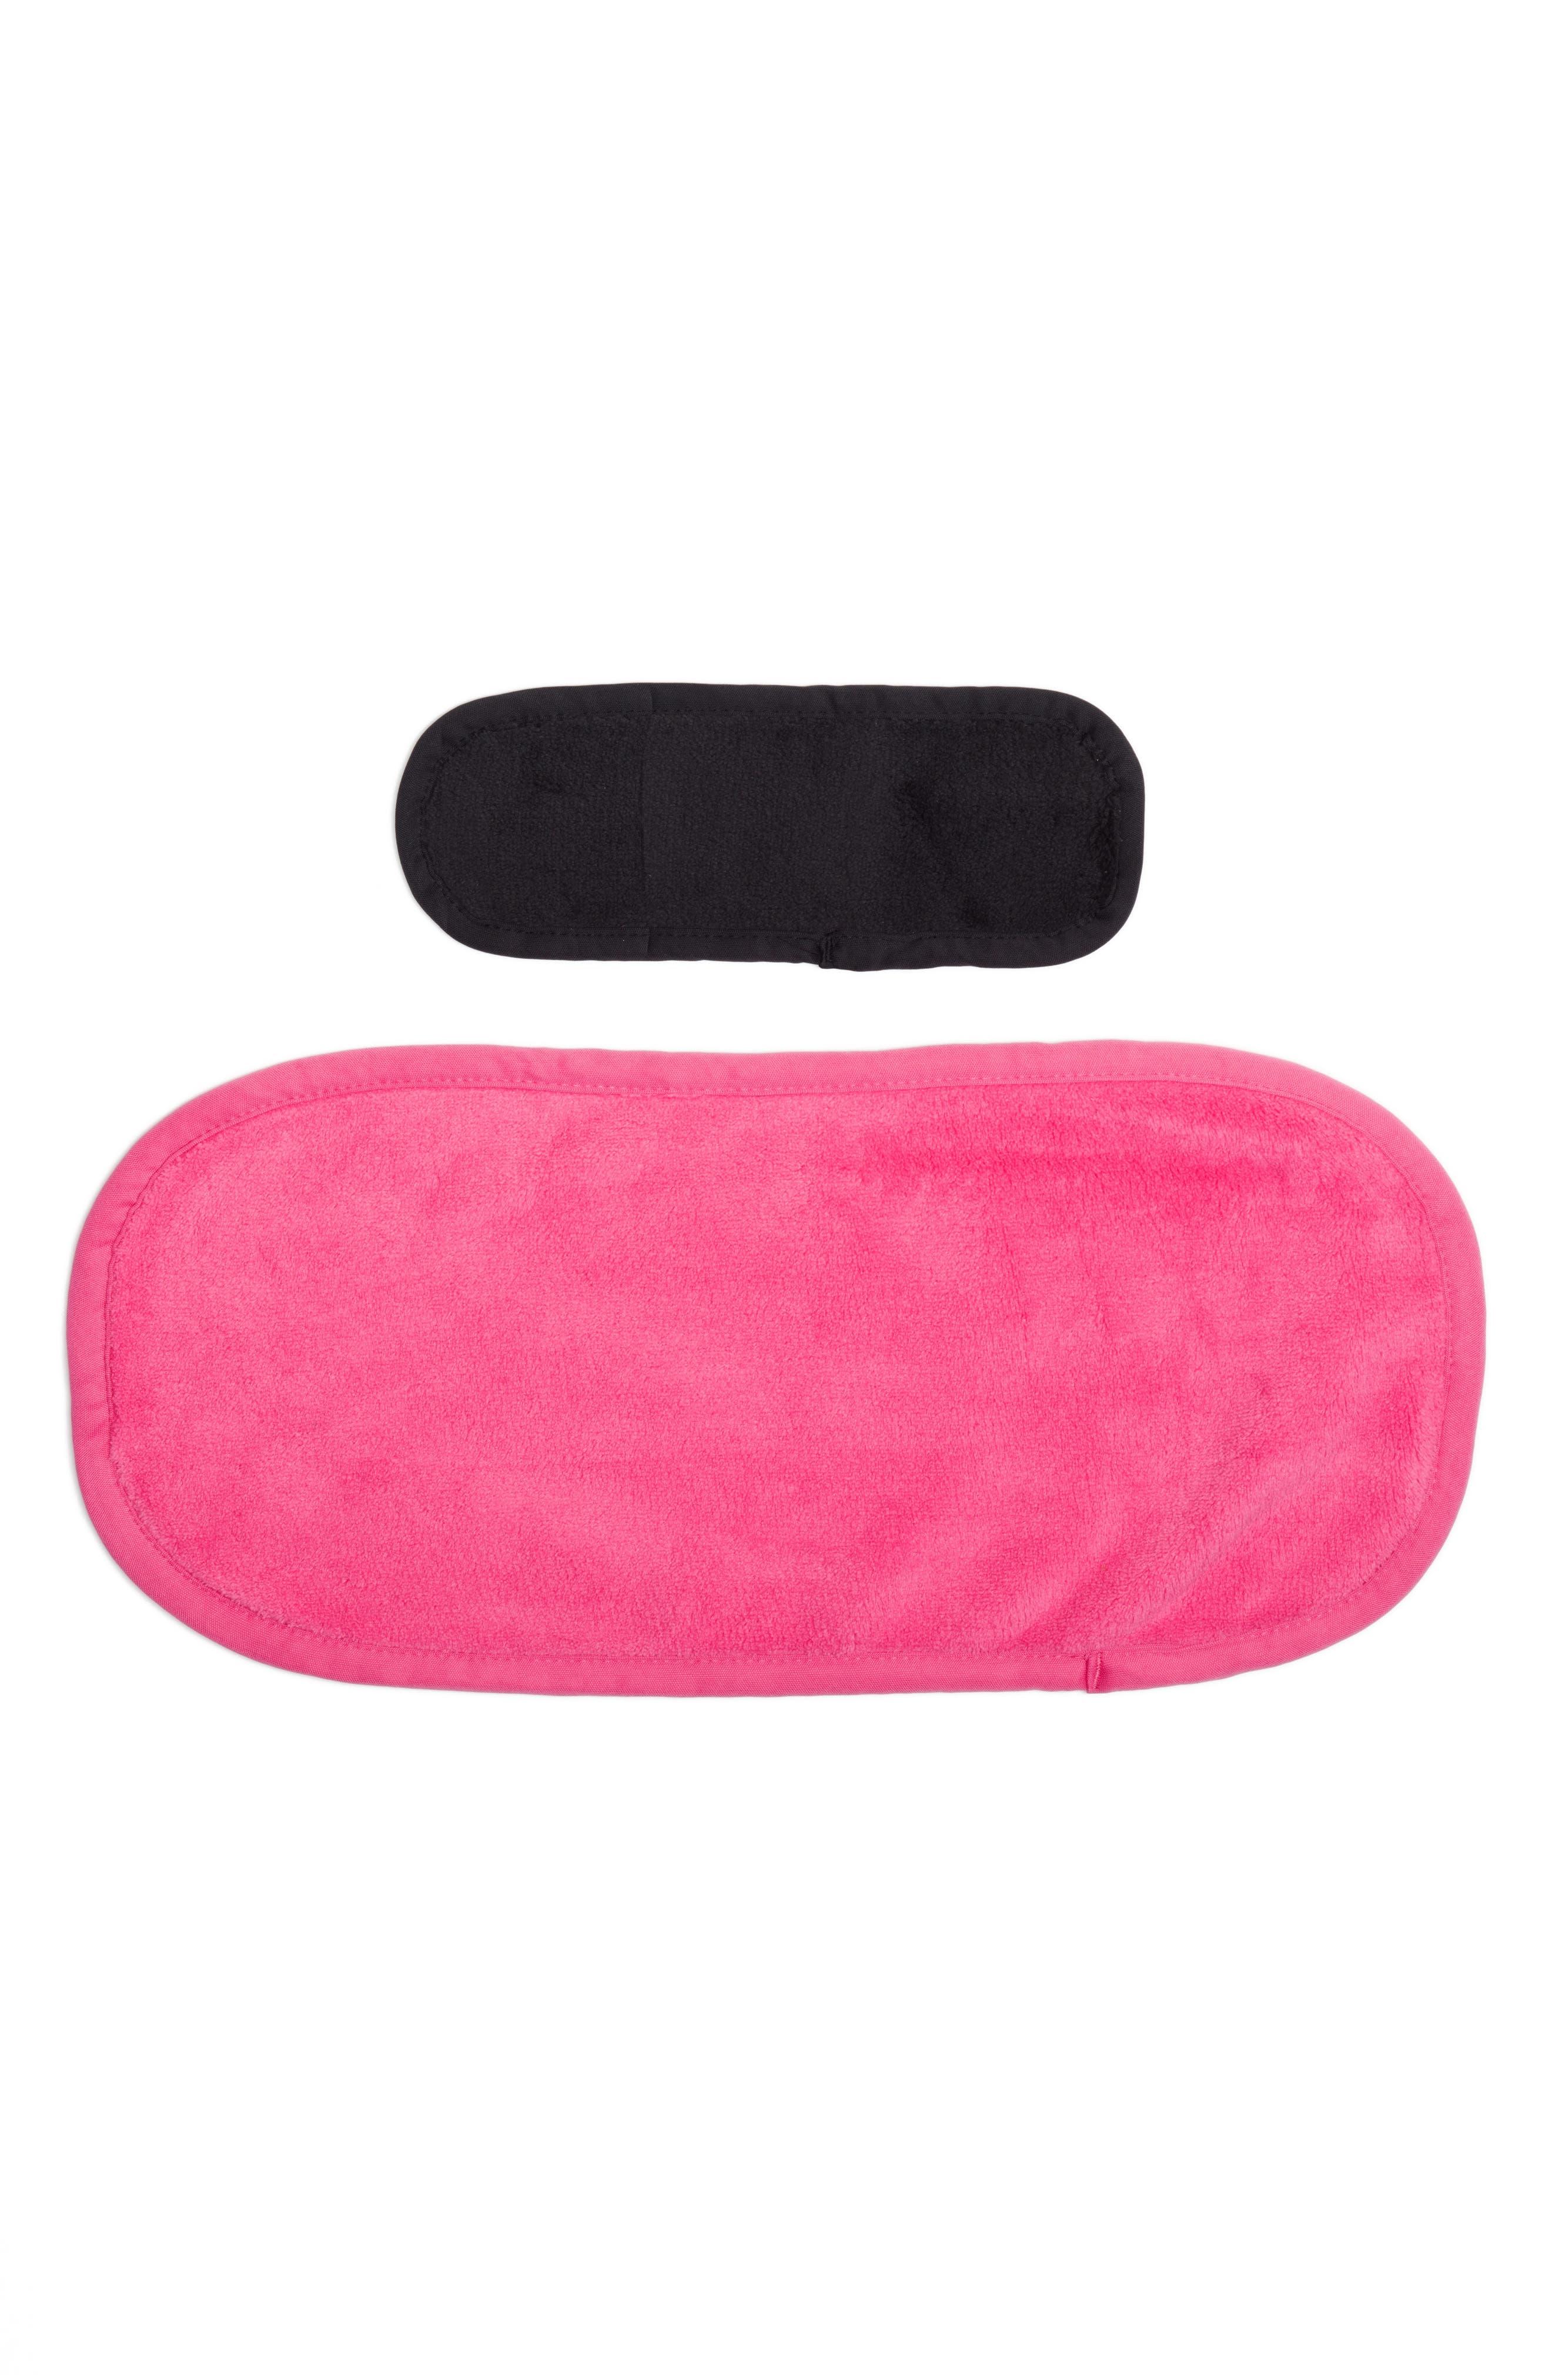 Main Image - Makeup Eraser Original & Mini Makeup Eraser Duo ($32 Value)